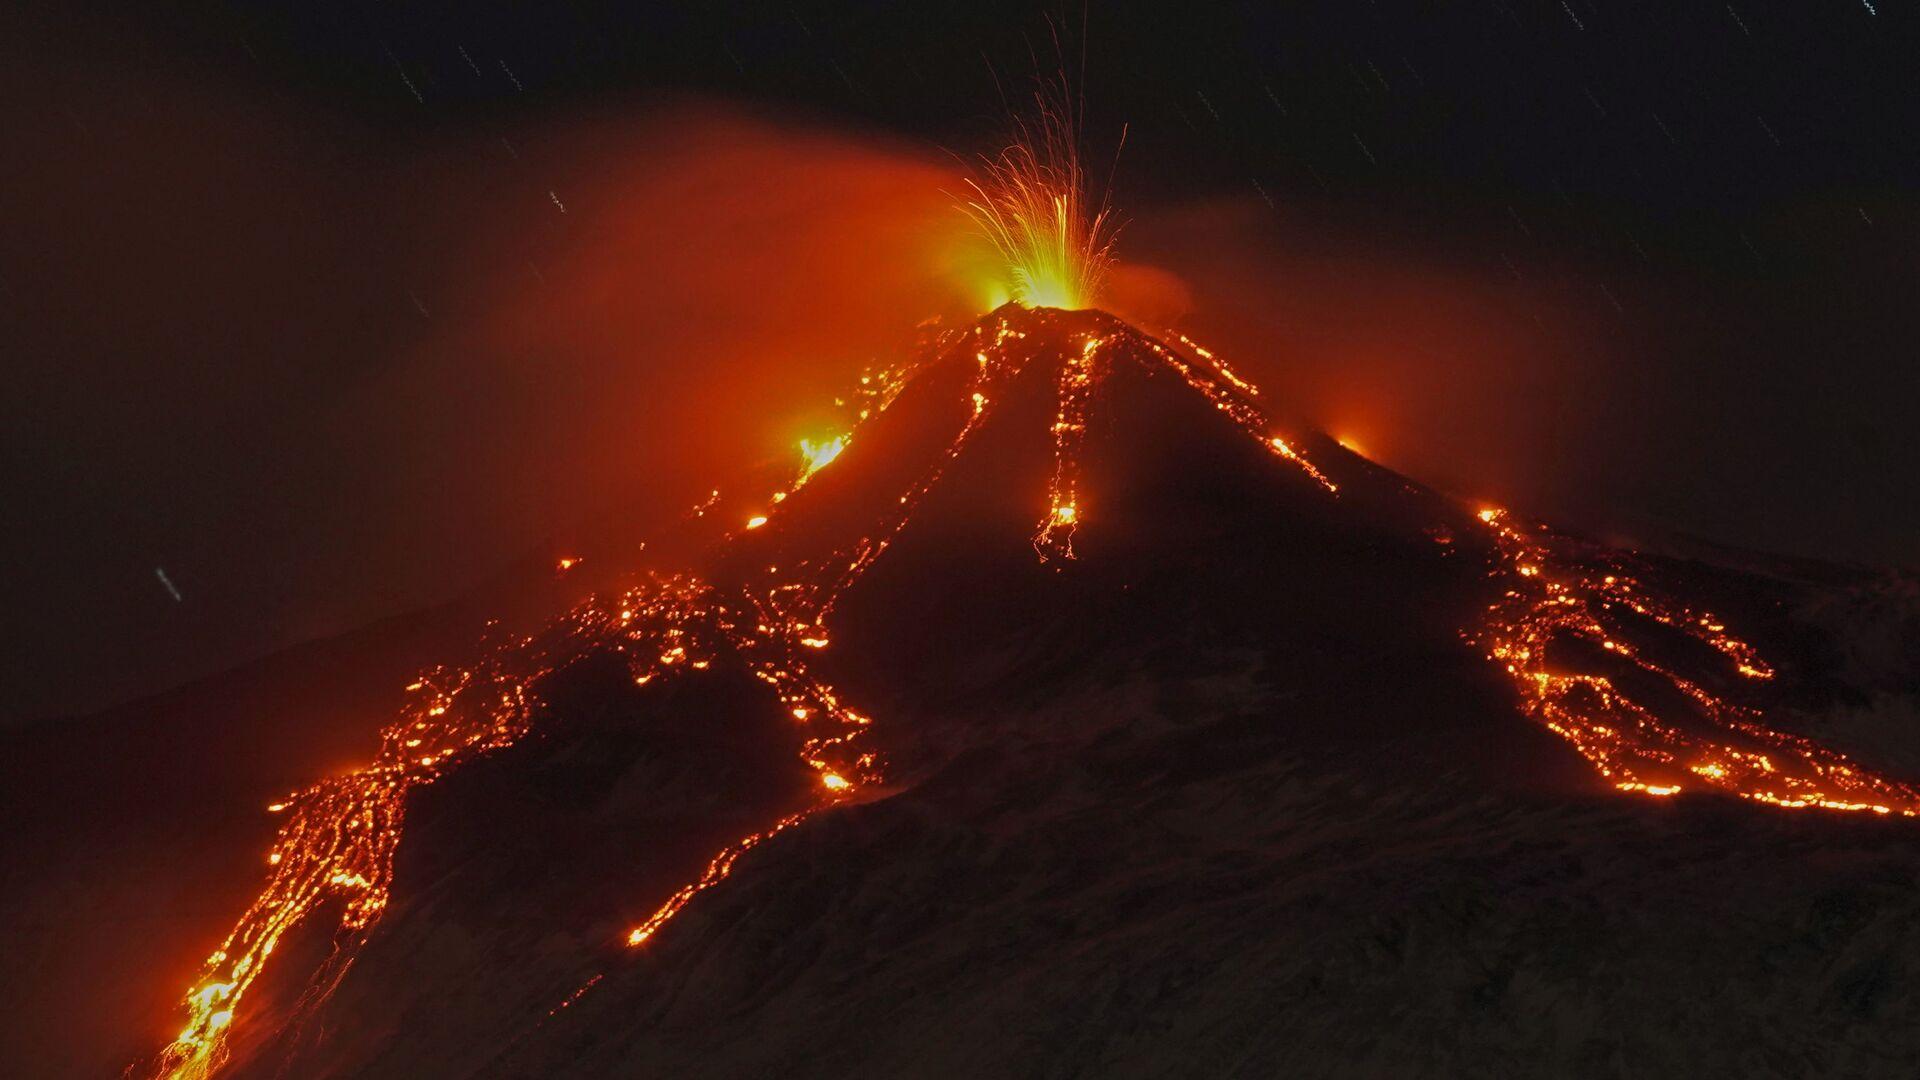 Извержение вулкана Этна, Италия - Sputnik Mundo, 1920, 19.02.2021